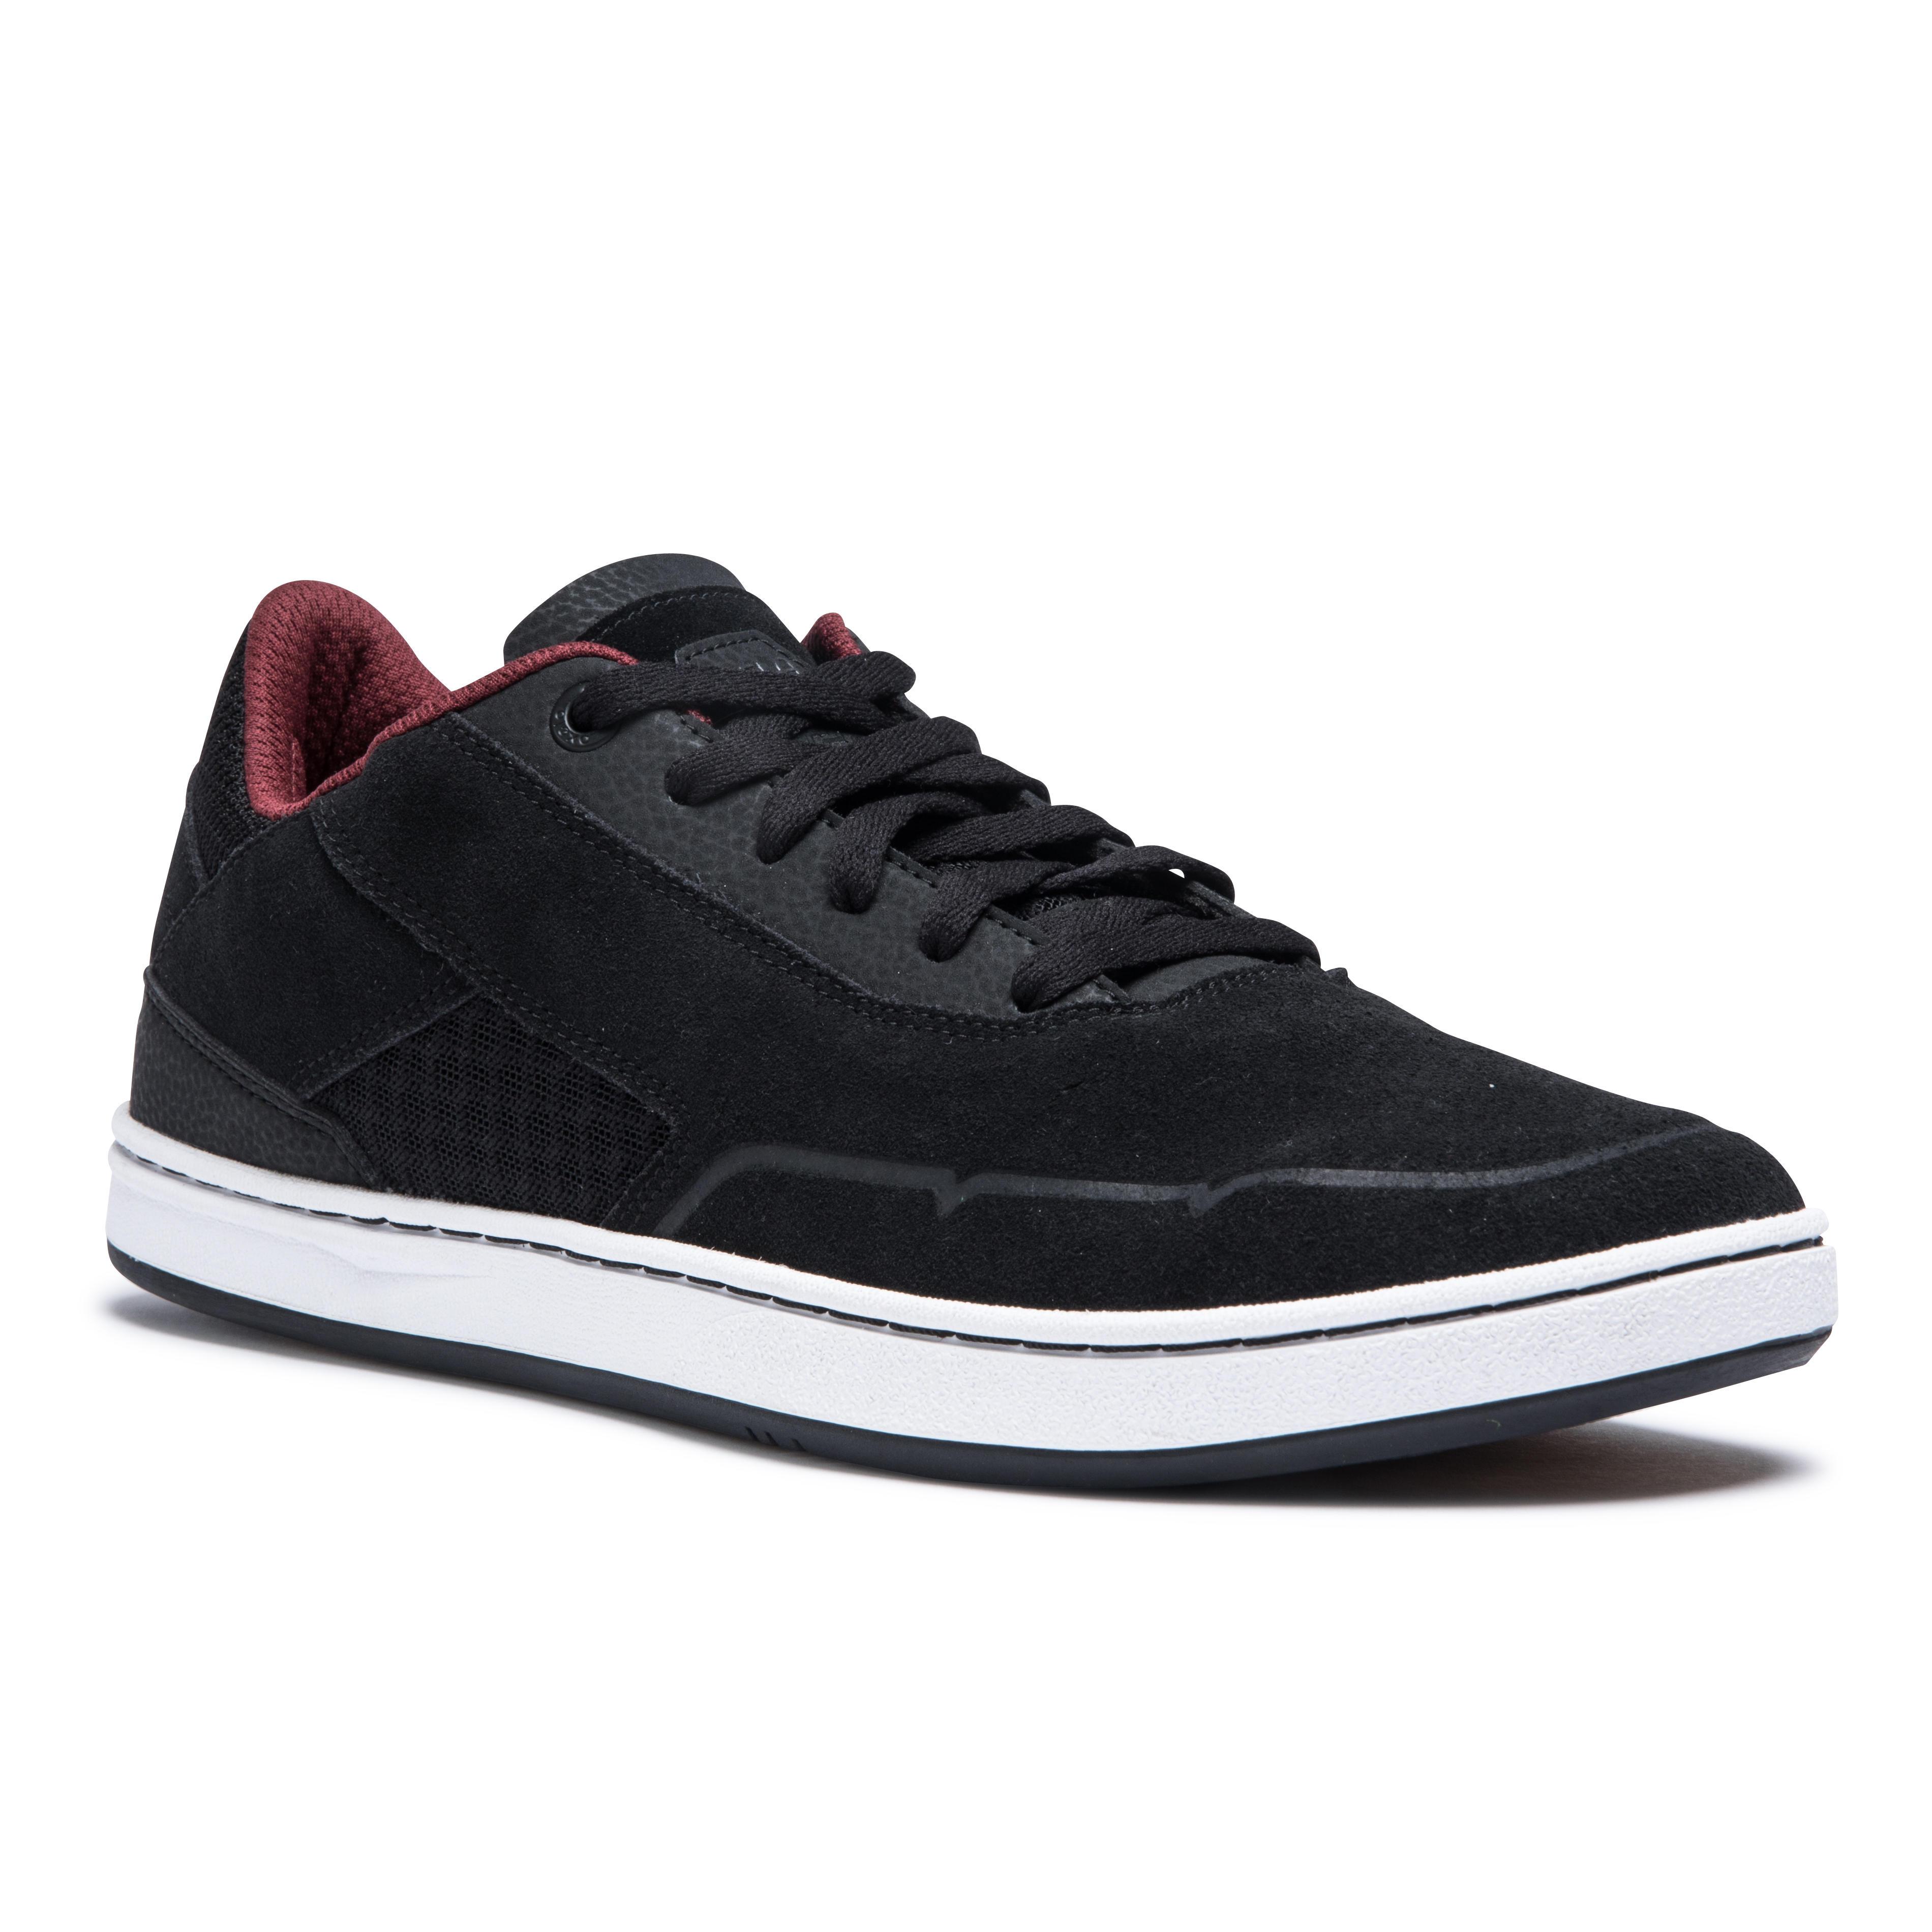 Oxelo Lage skateschoenen (cupsoles) voor volwassenen Crush 500 zwart/bordeaux kopen